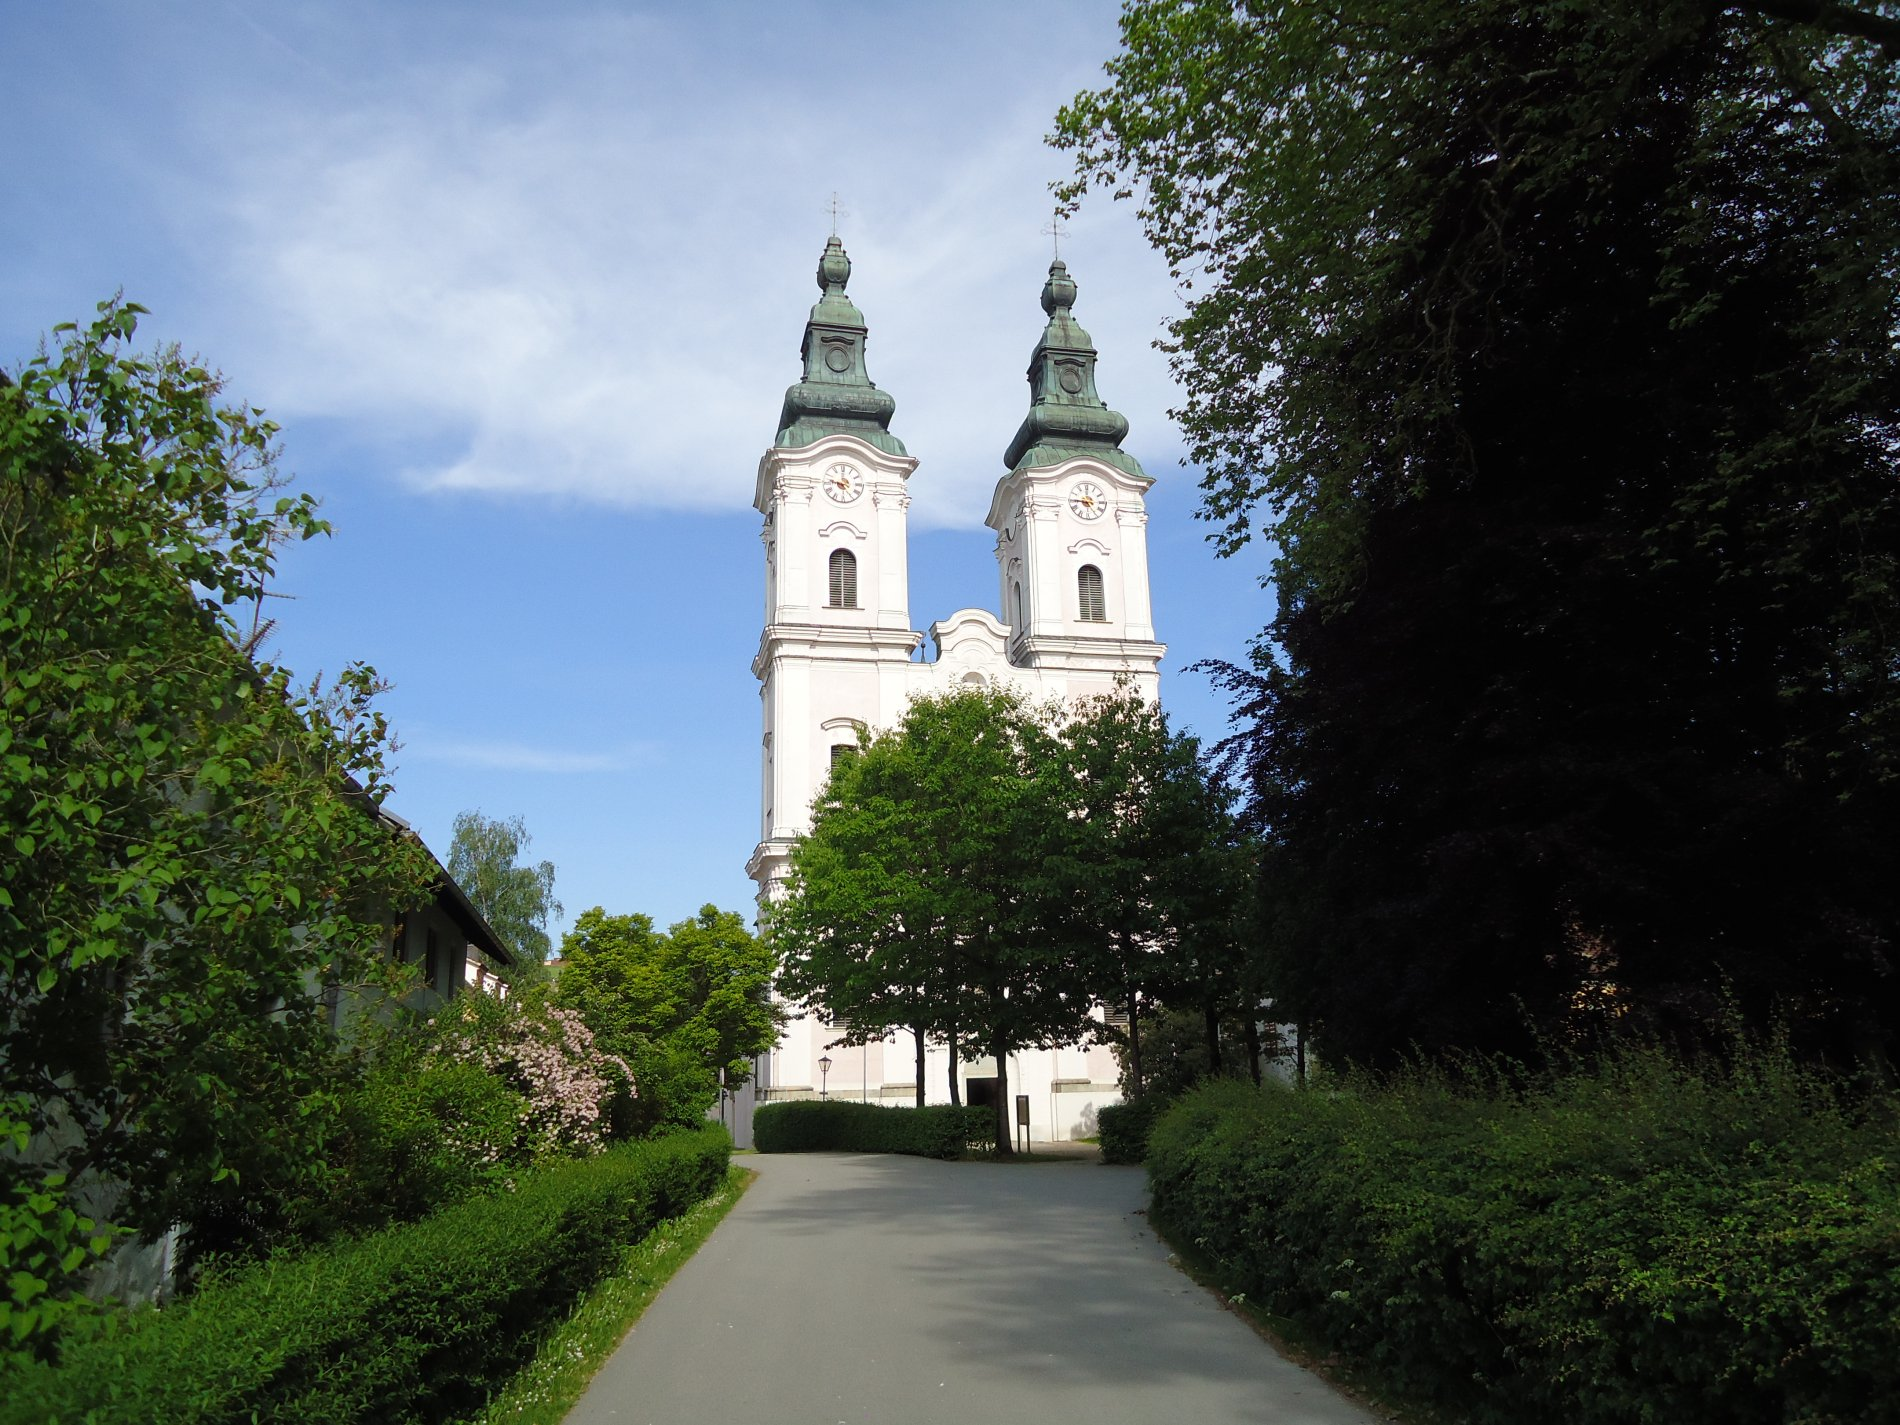 Schloss und Klosterkirche Vornbach am Inn